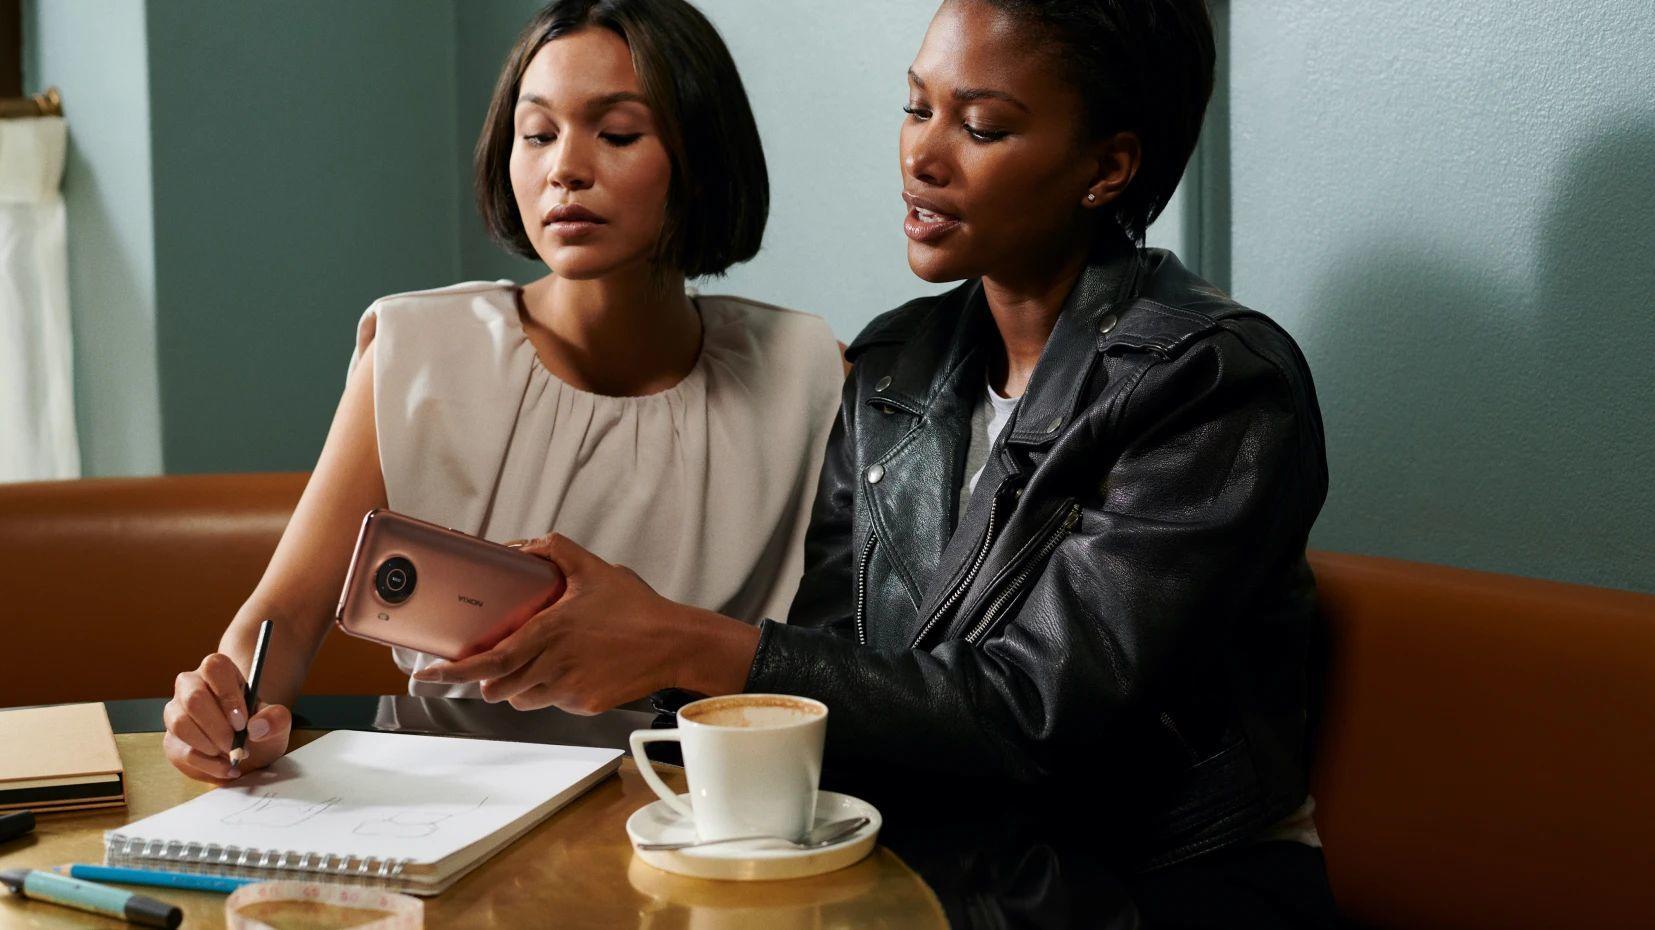 HMD Global ra mắt 6 smartphone cùng dãy phụ kiện âm thanh Nokia mới